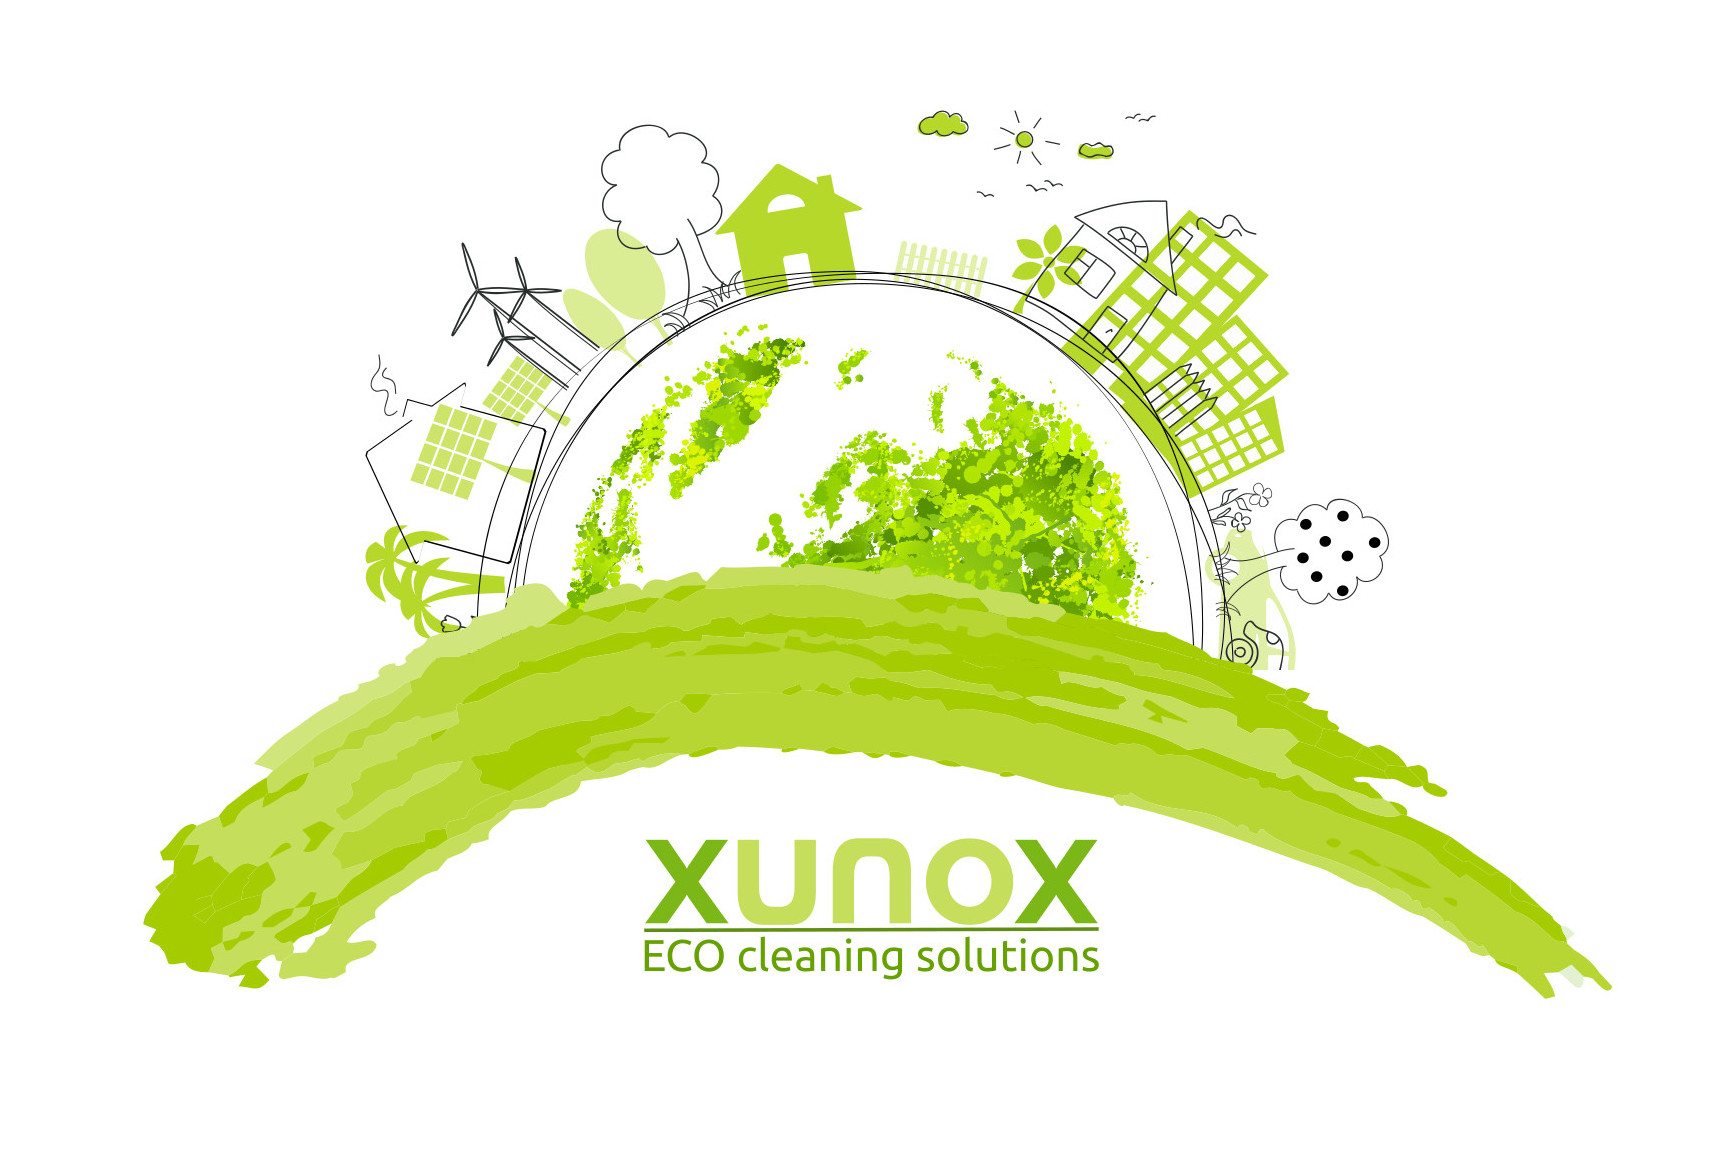 Xunox környezetbarát tisztítószerek az ipar és a háztartás számára